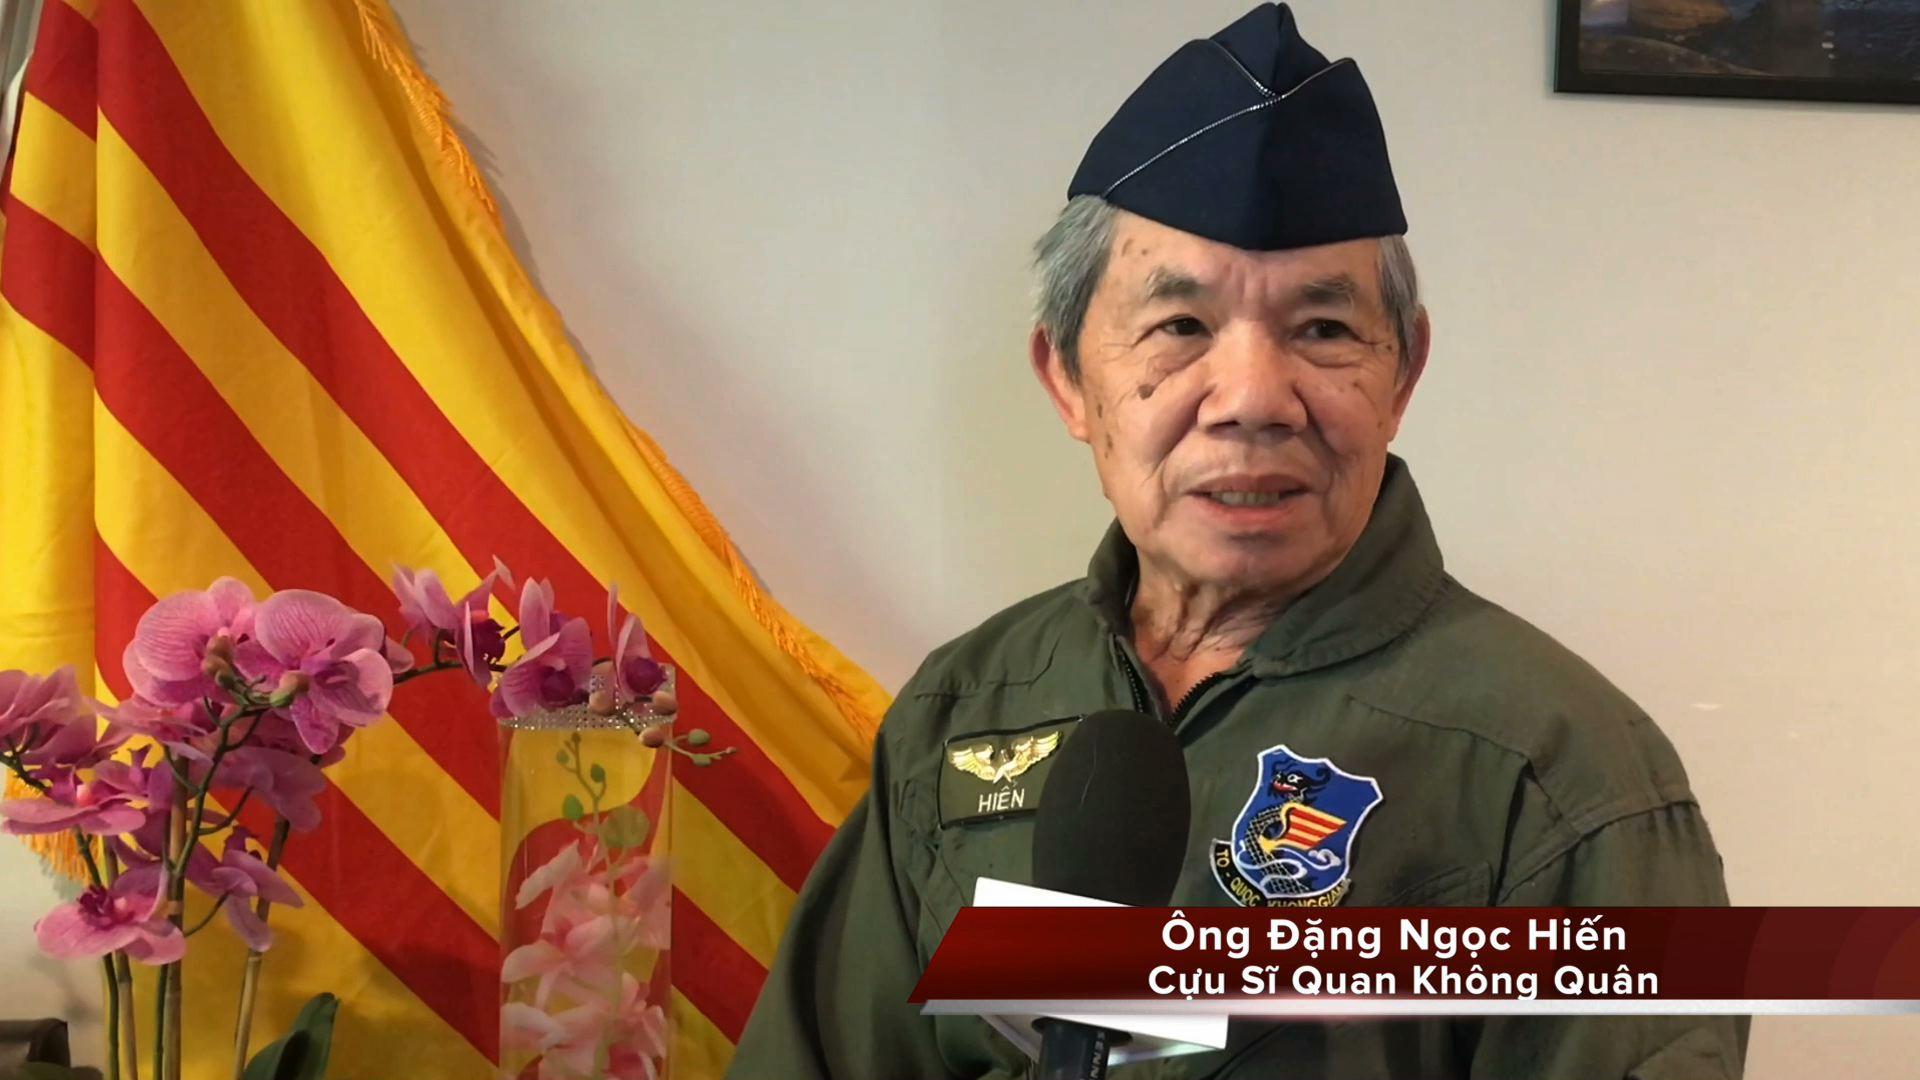 Cựu sĩ quan không quân VNCH Đặng Ngọc Hiến nói về ngày quân lực VNCH